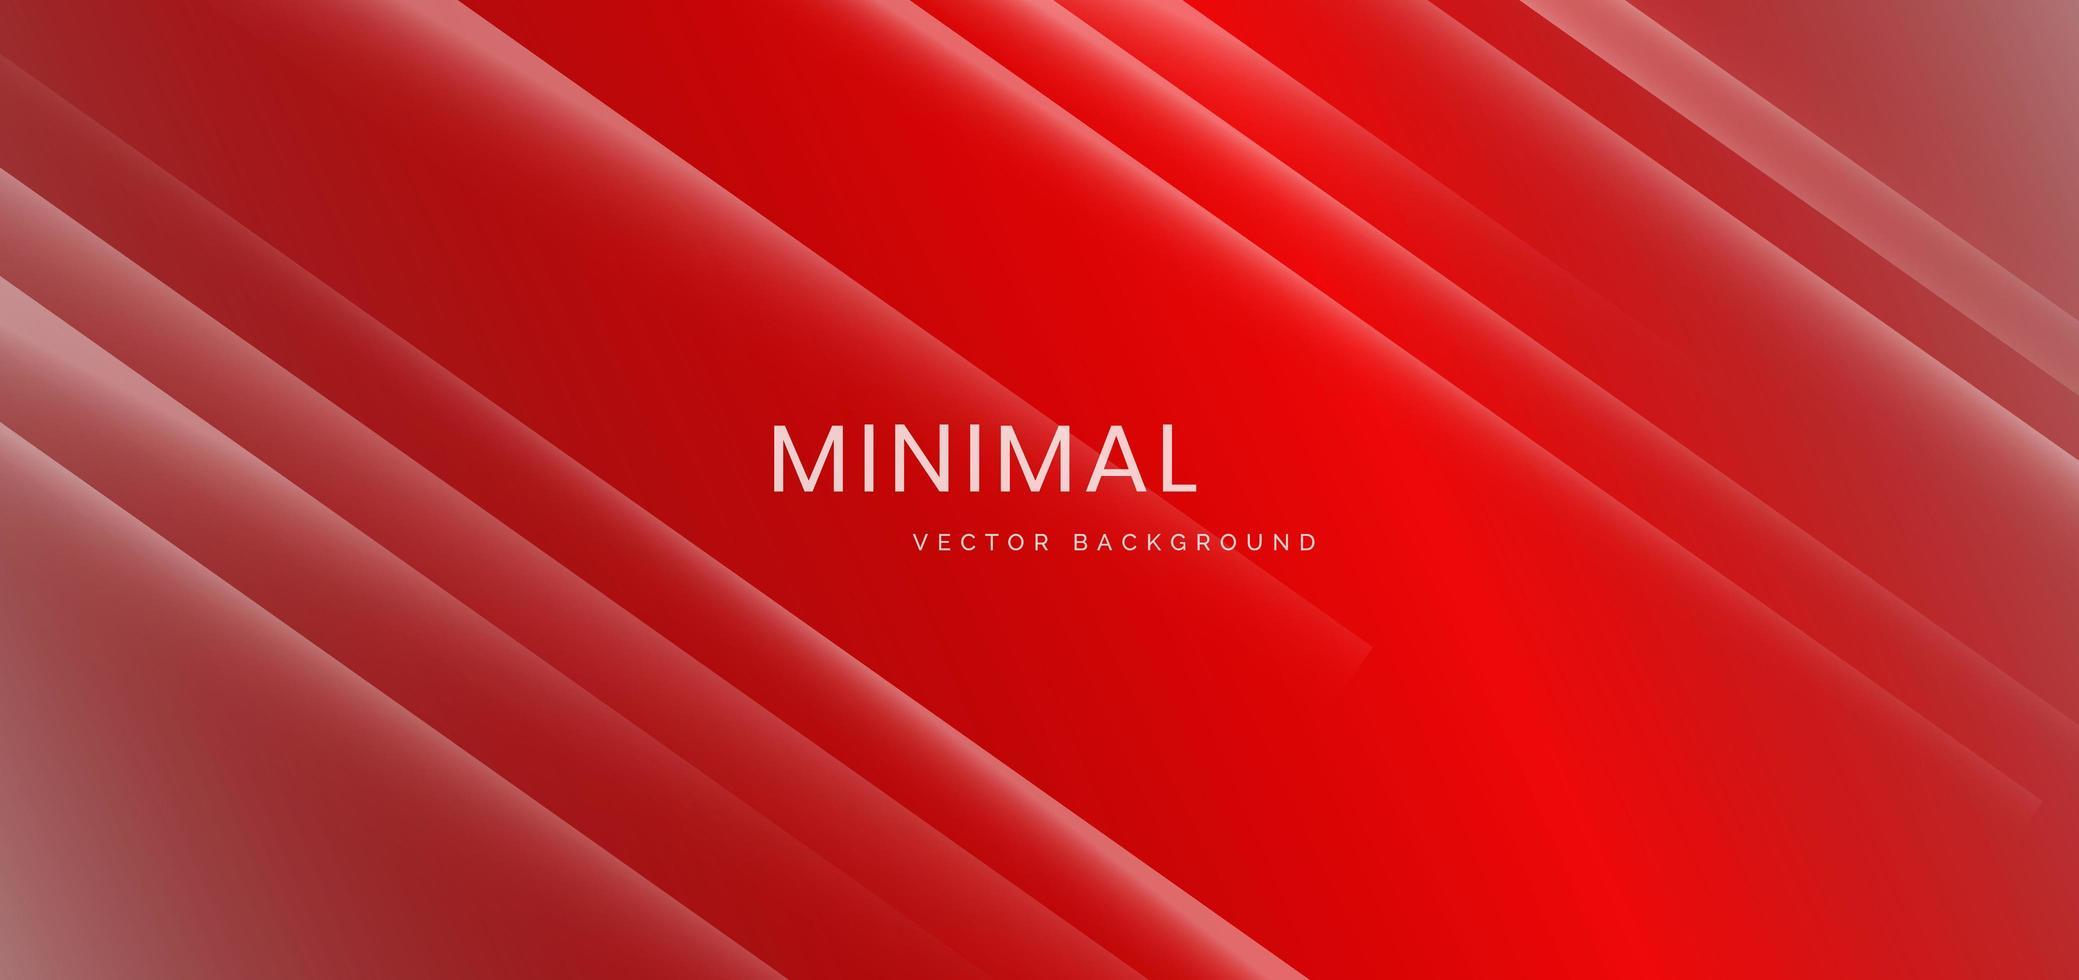 sfondo sfumato rosso e bianco minimalista vettore